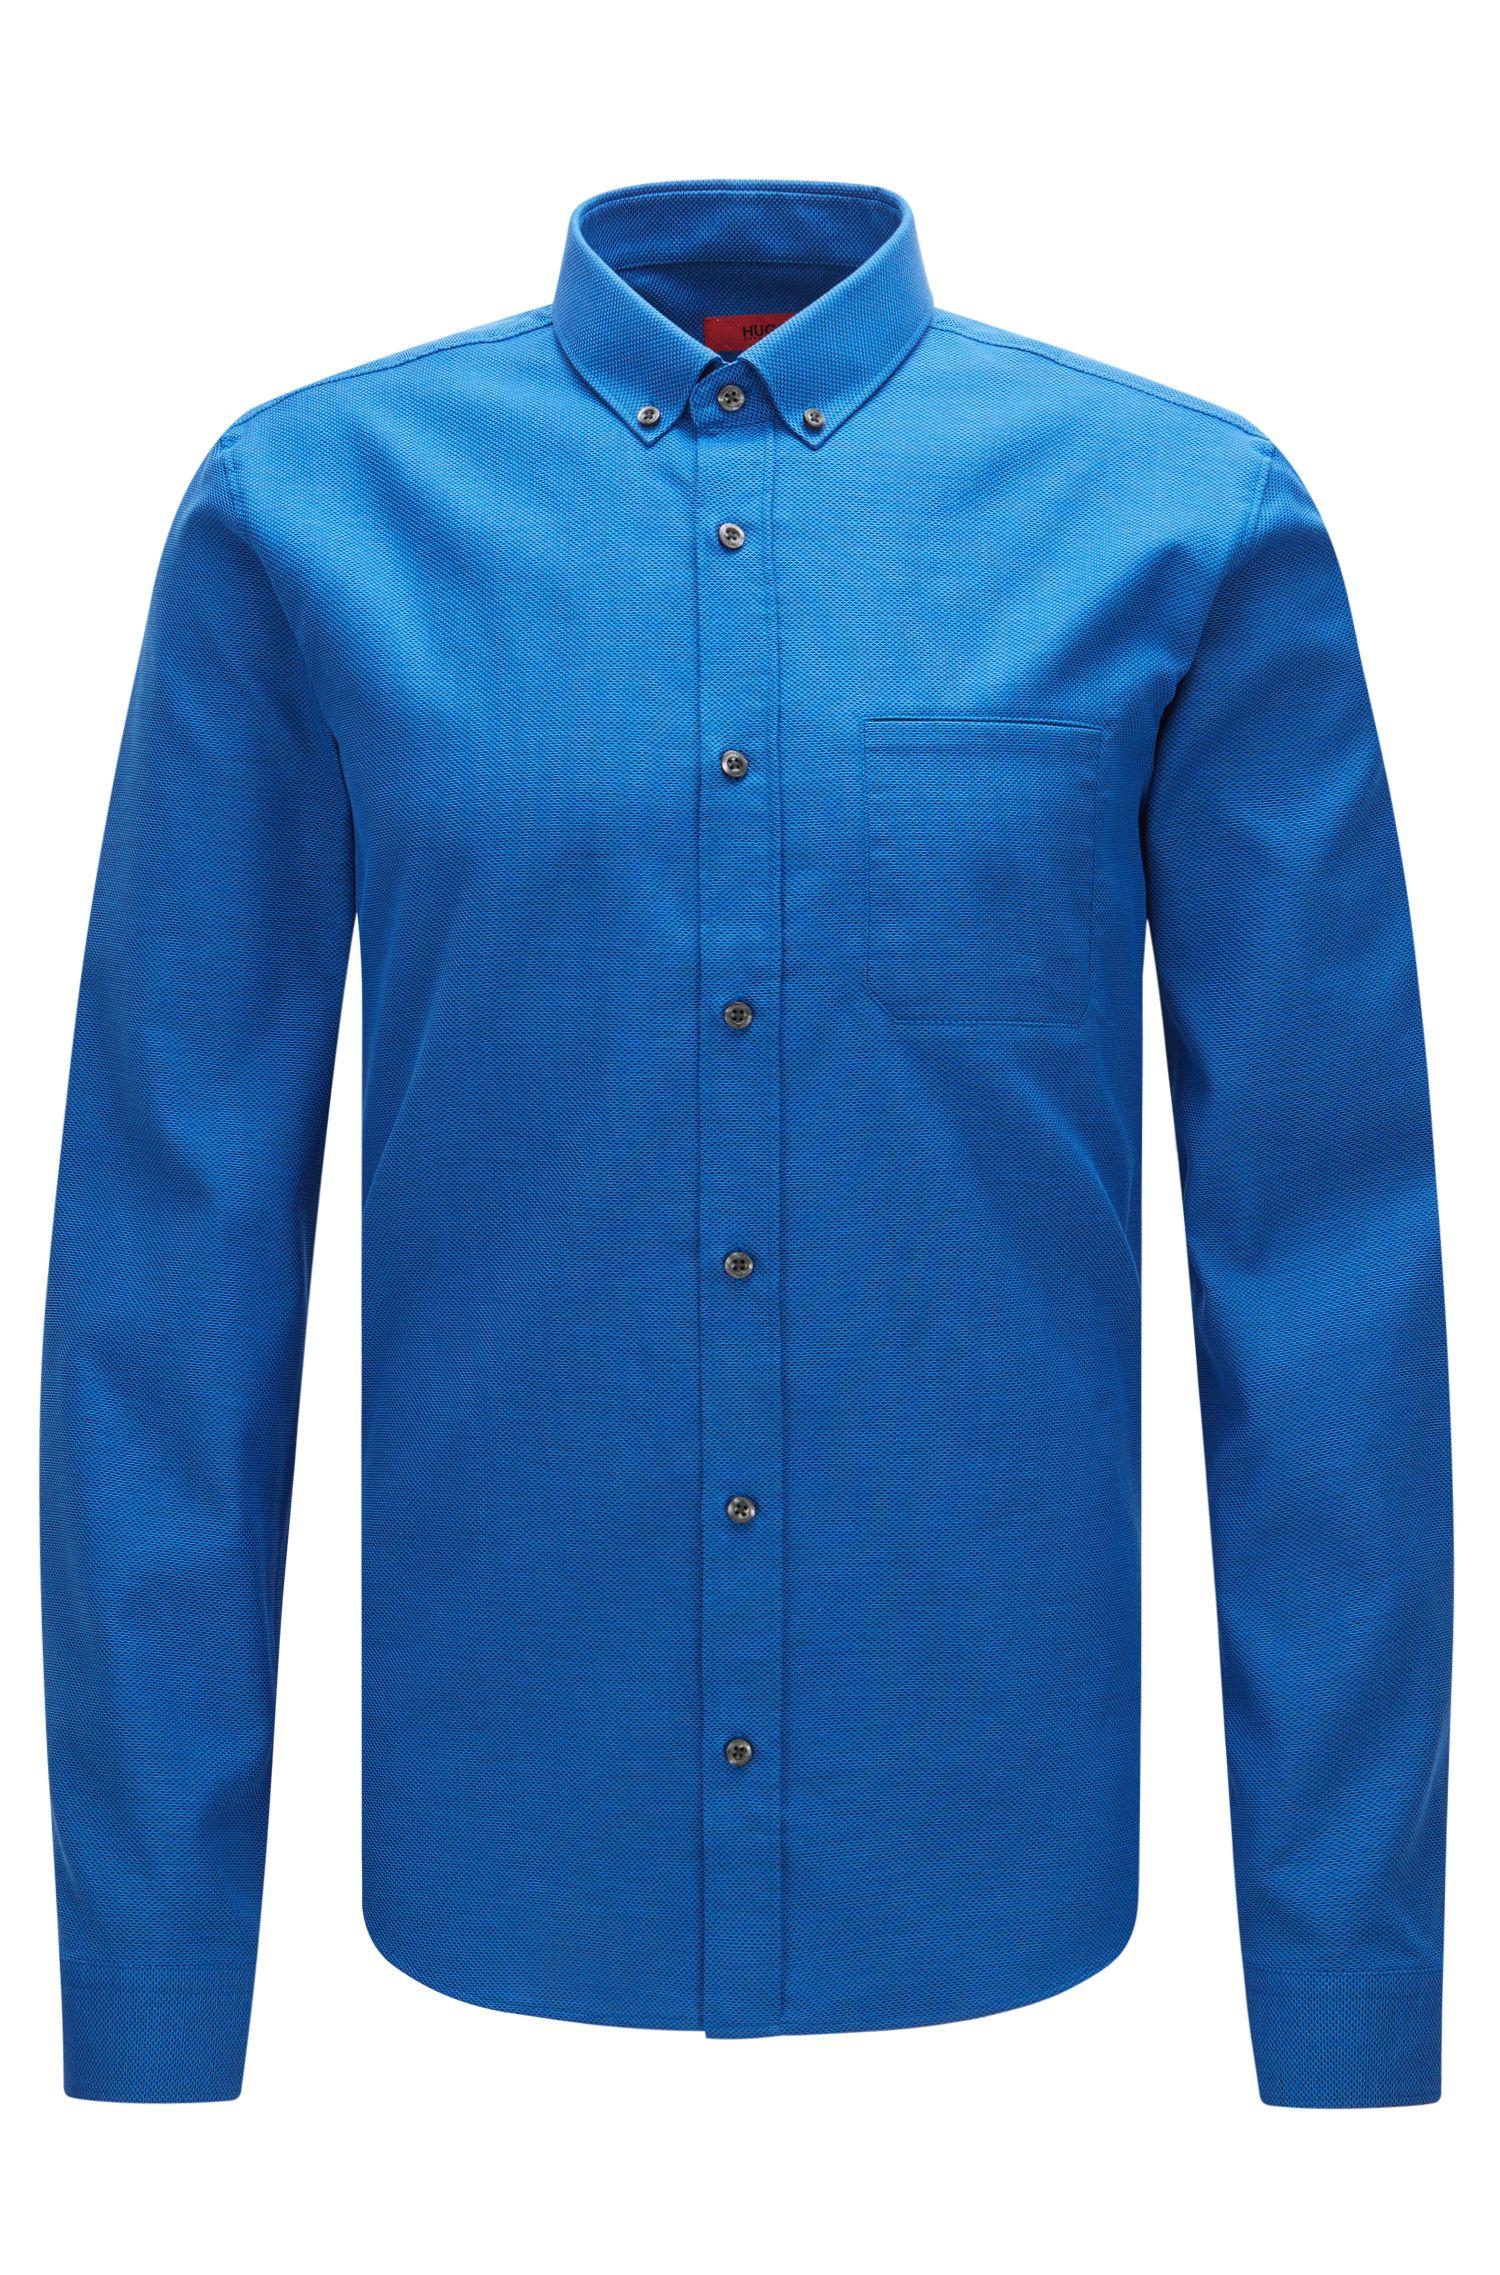 'Enico' | Slim Fit, Cotton Button Down Shirt